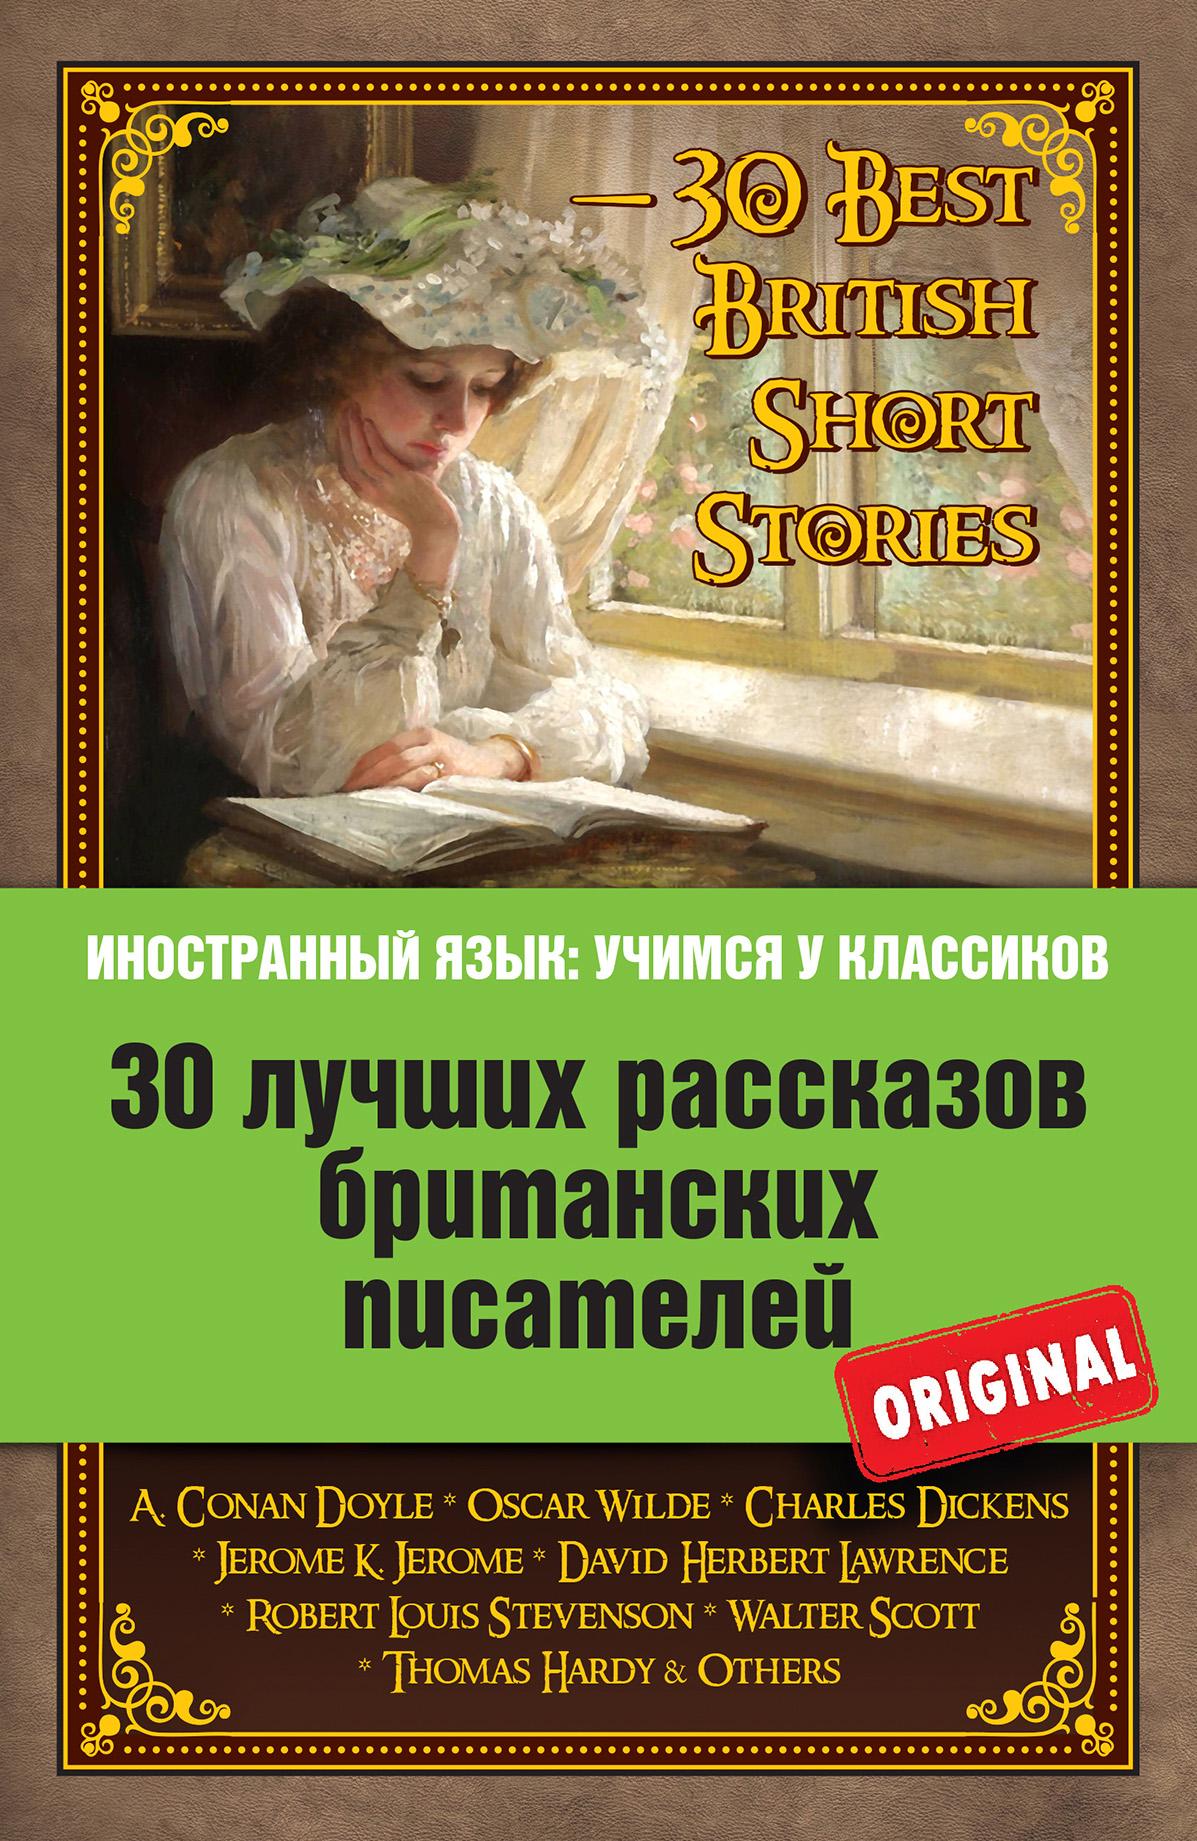 Коллектив авторов 30 лучших рассказов британских писателей / 30 Best British Short Stories british banking